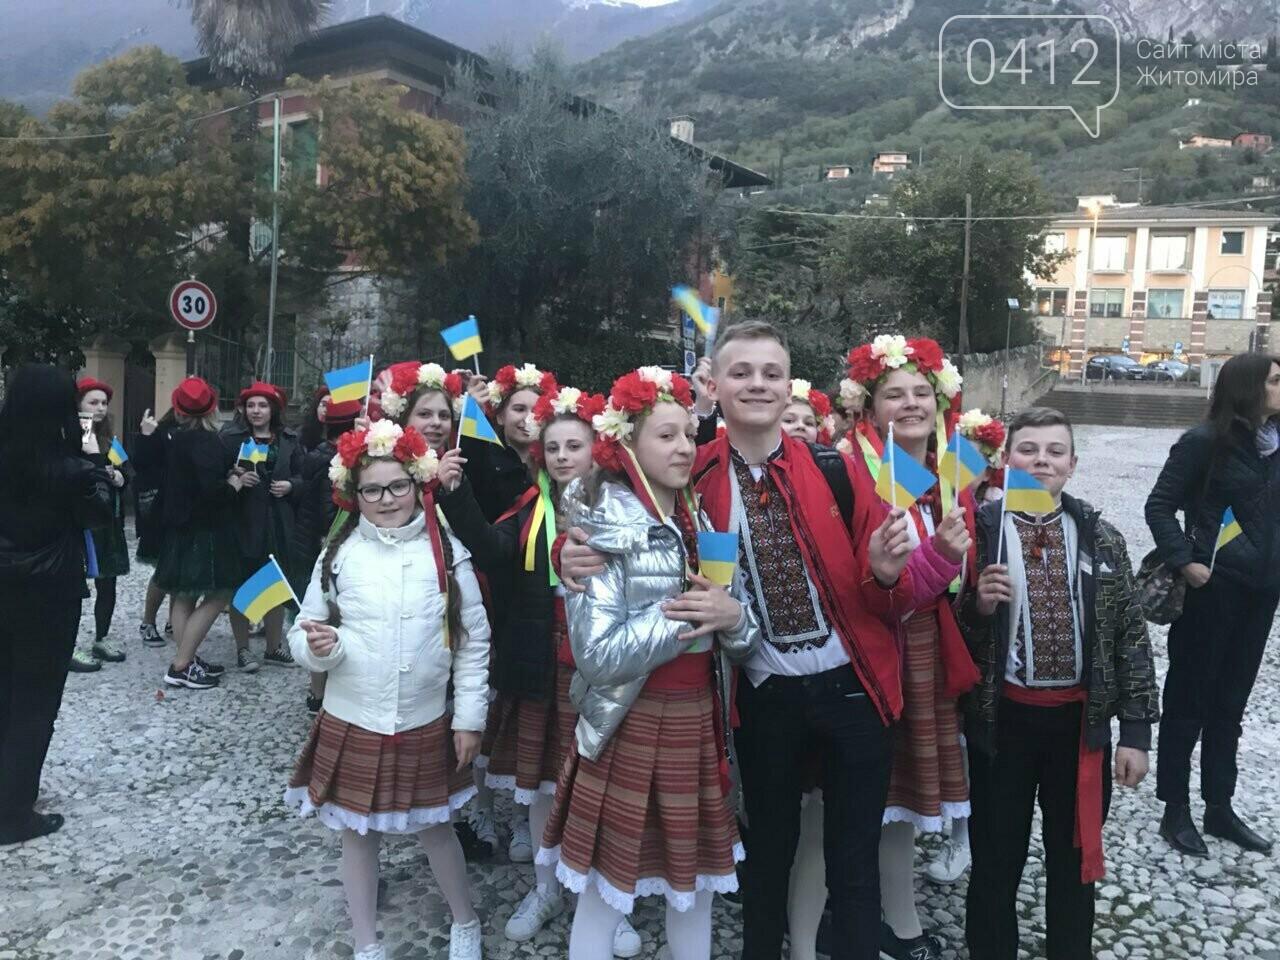 """Житомирський хор """"Gloria"""" привіз із Італії срібні нагороди, диплом та спеціальний приз, фото-4"""